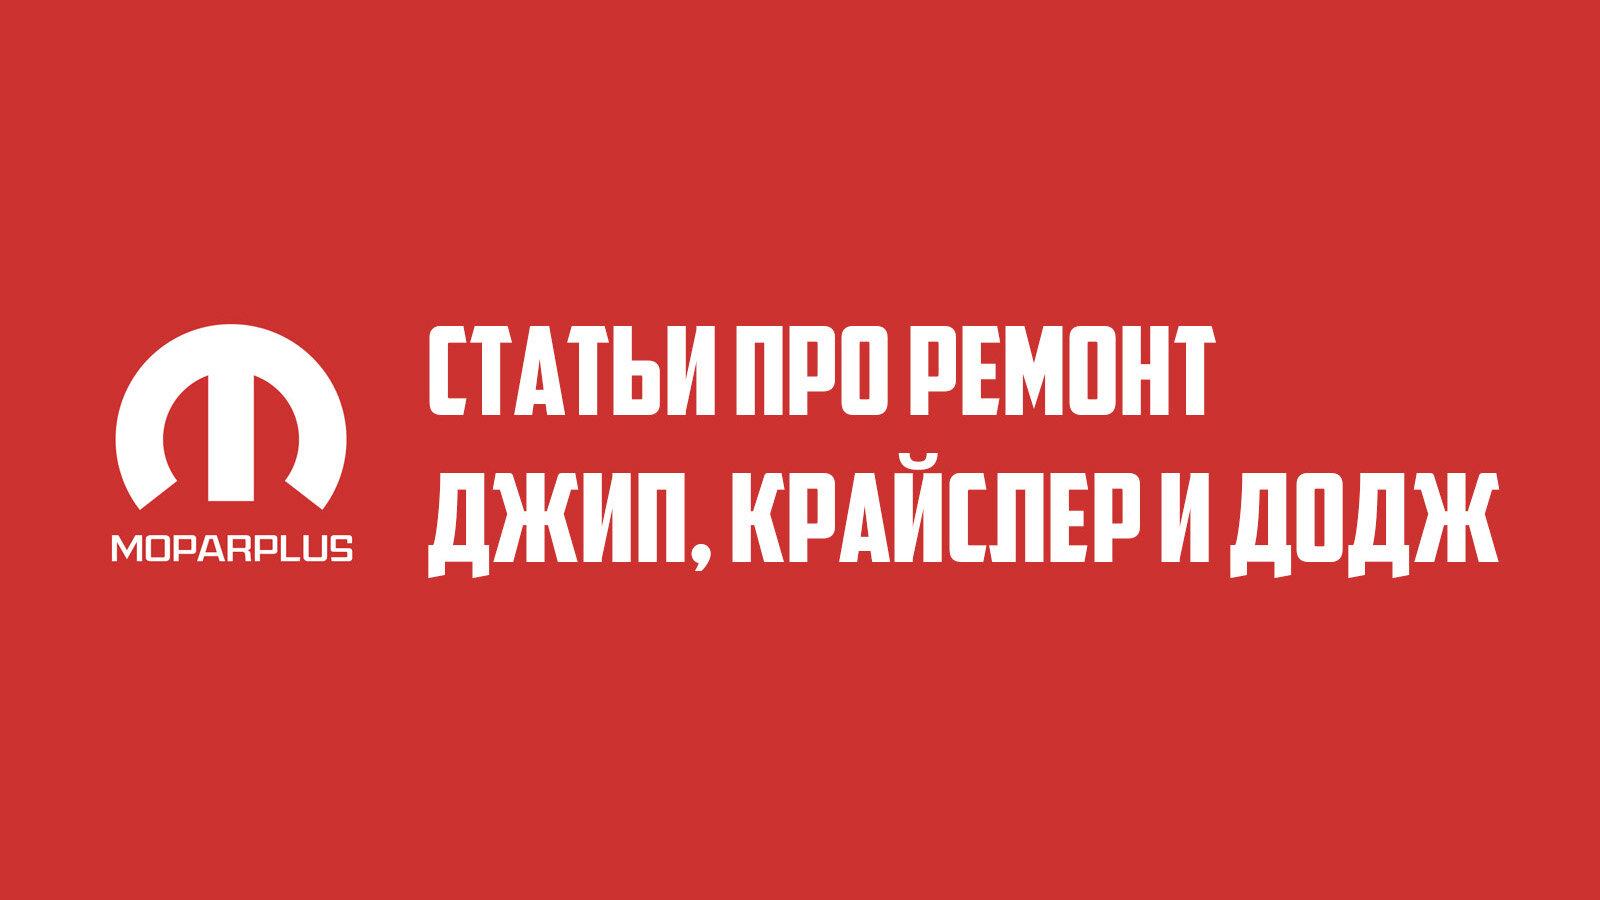 Статьи про ремонт. Выпуск №74.